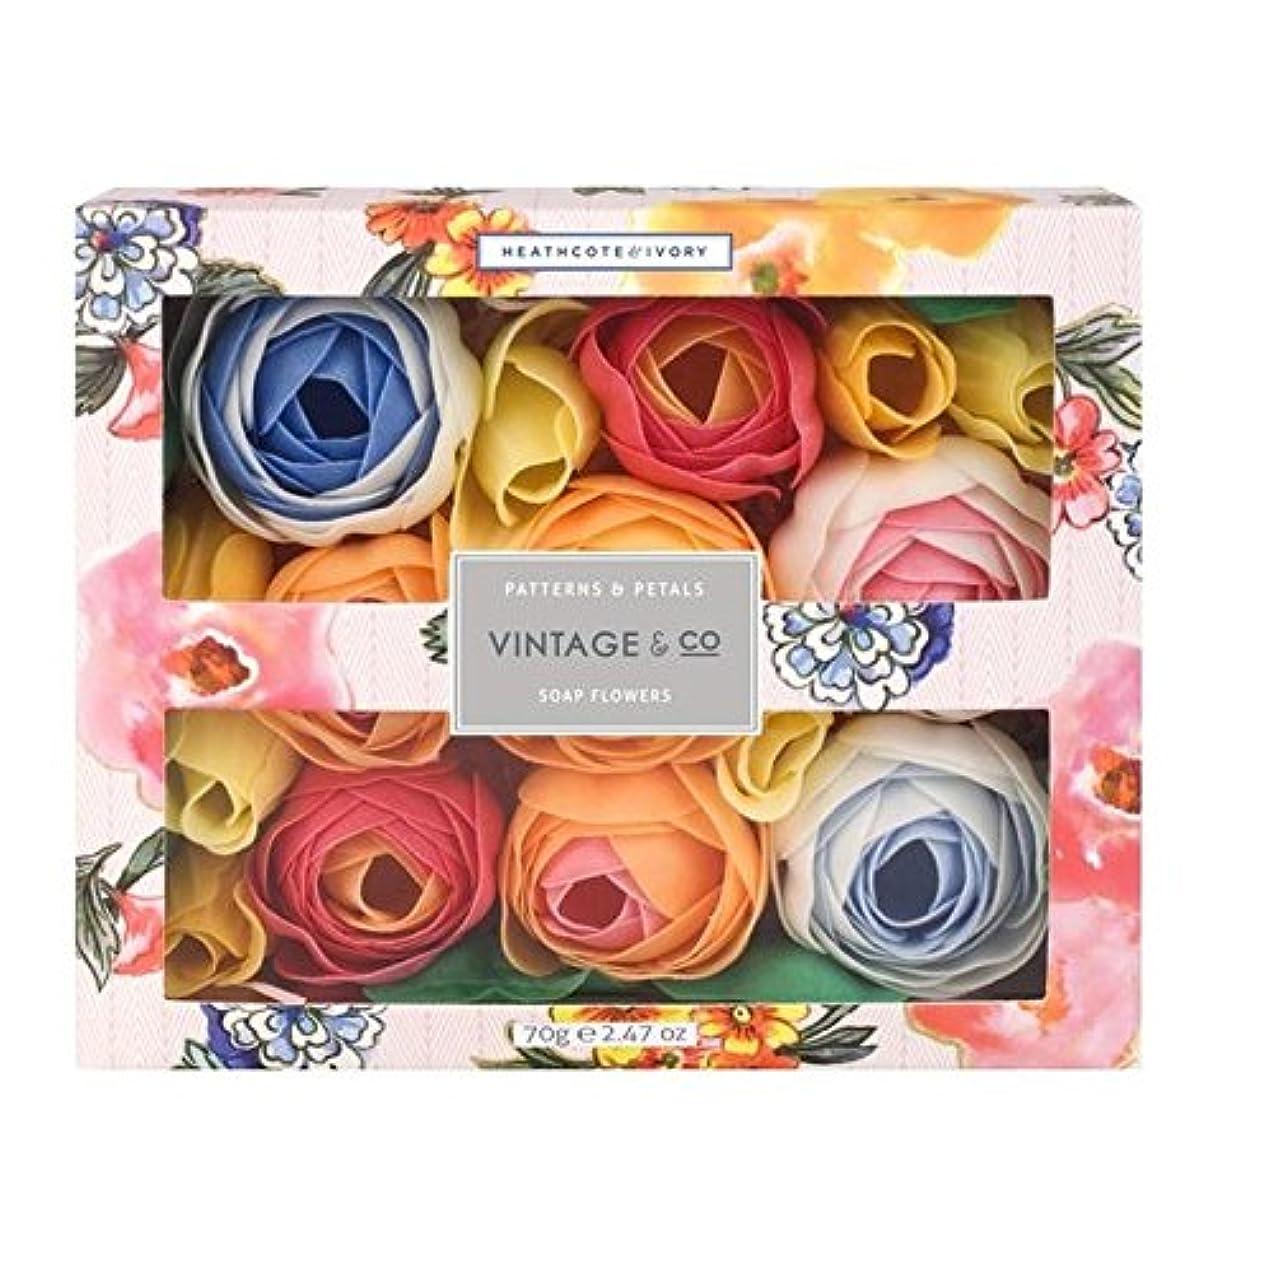 受ける母楕円形Heathcote & Ivory Patterns & Petals Soap Flowers 70g - ヒースコート&アイボリーパターン&花びら石鹸の花70グラム [並行輸入品]